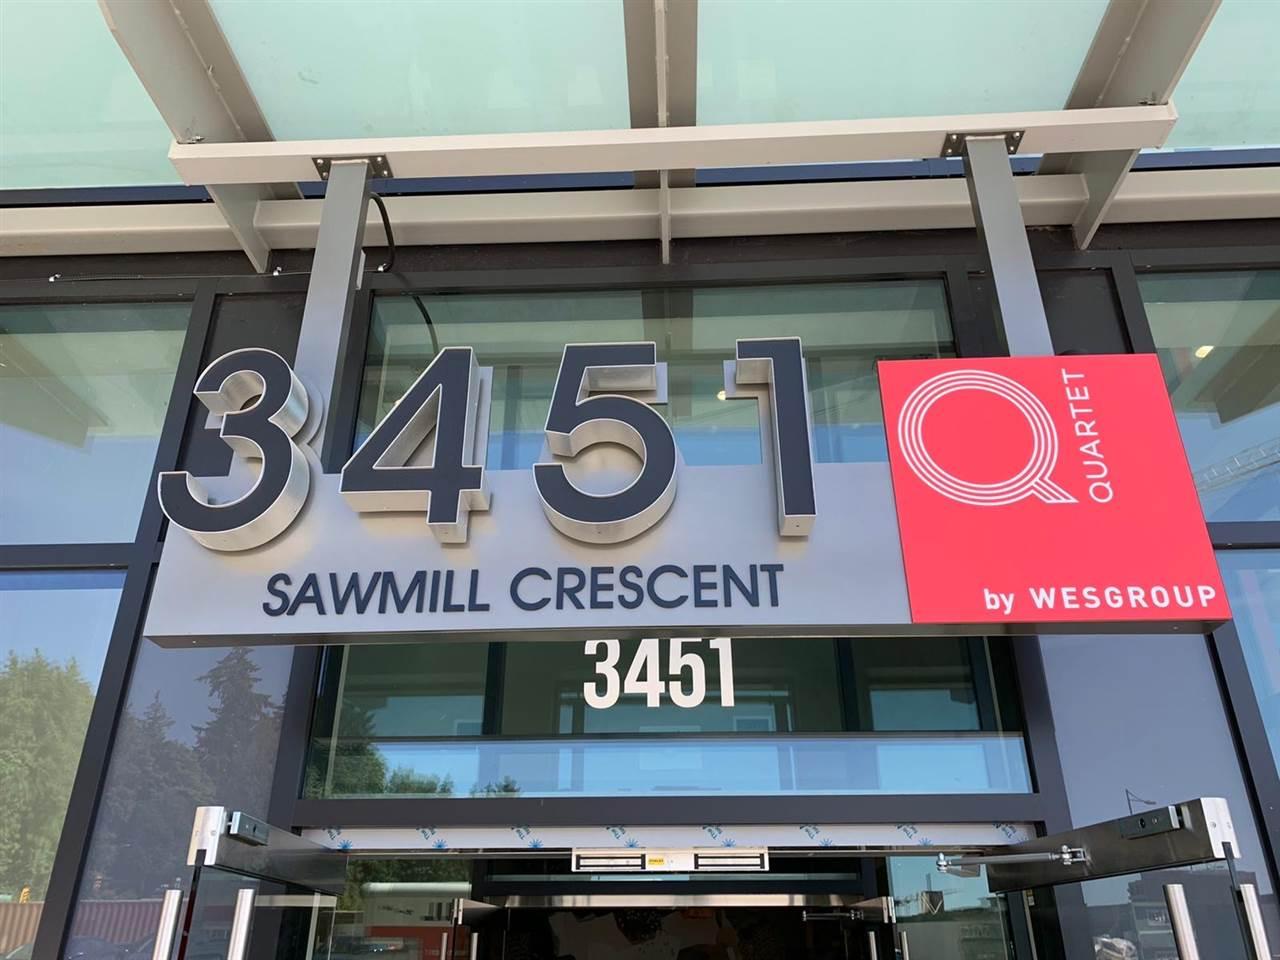 904 3451 SAWMILL CRESCENT - MLS® # R2479835